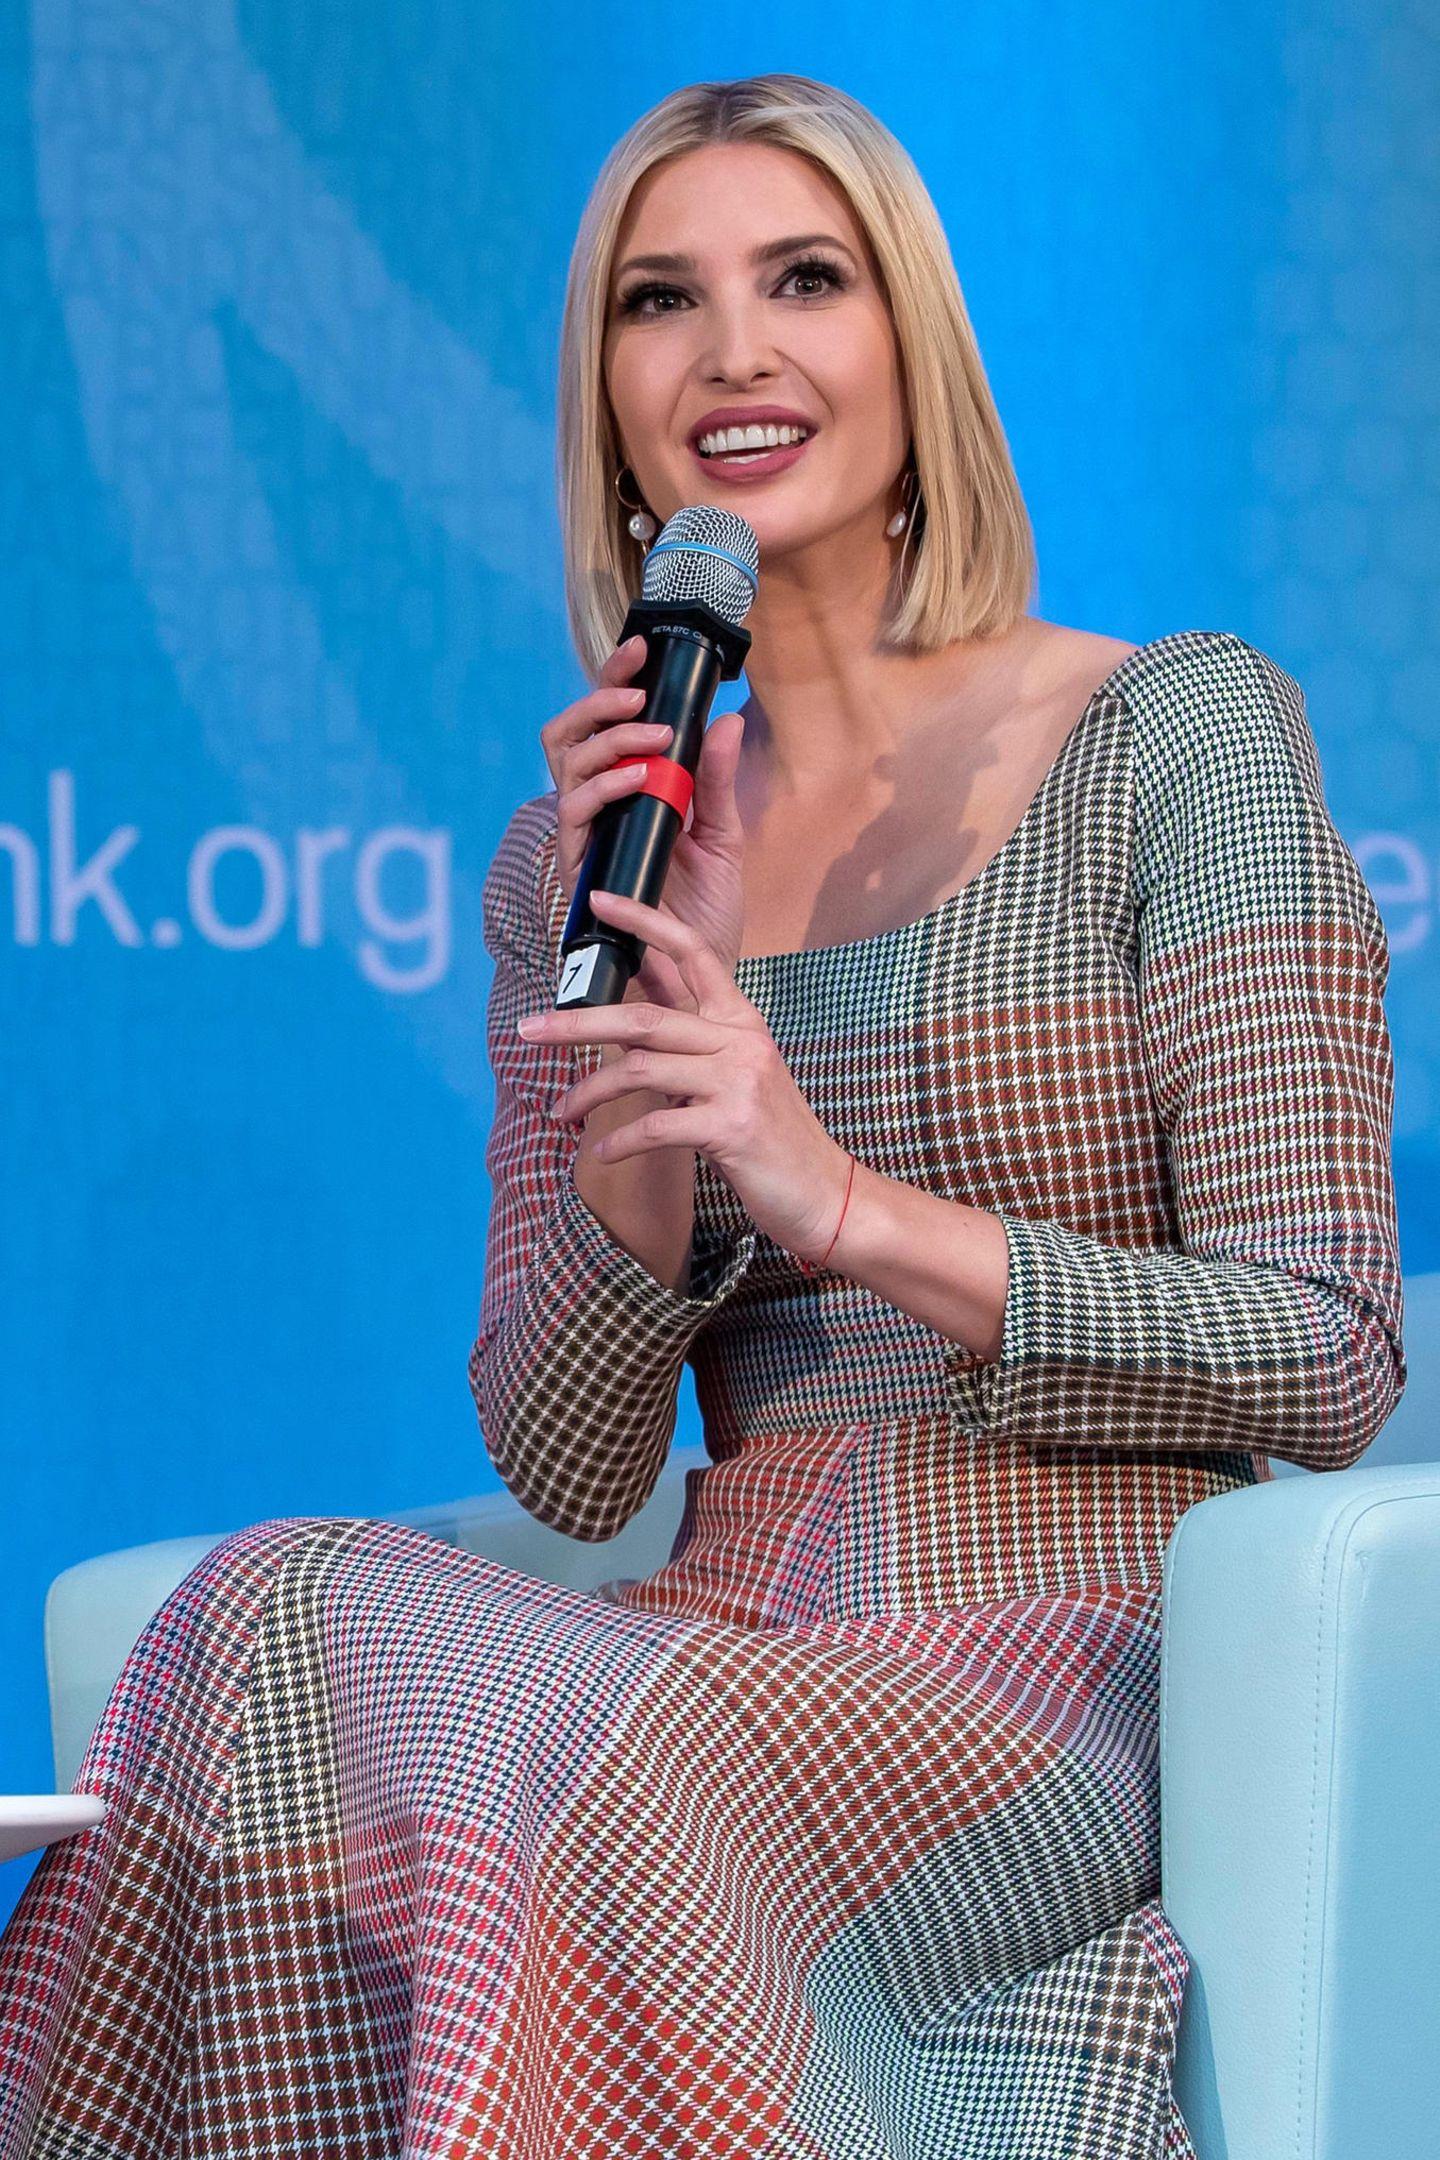 Für gewöhnlich zeigt sich Ivanka Trump eher in schlichteren oder modern gemusterten Kleidern - dieser Look wirkt auf den ersten Blick beinahe etwas bieder, jedoch nicht an der hübschen Blondine.